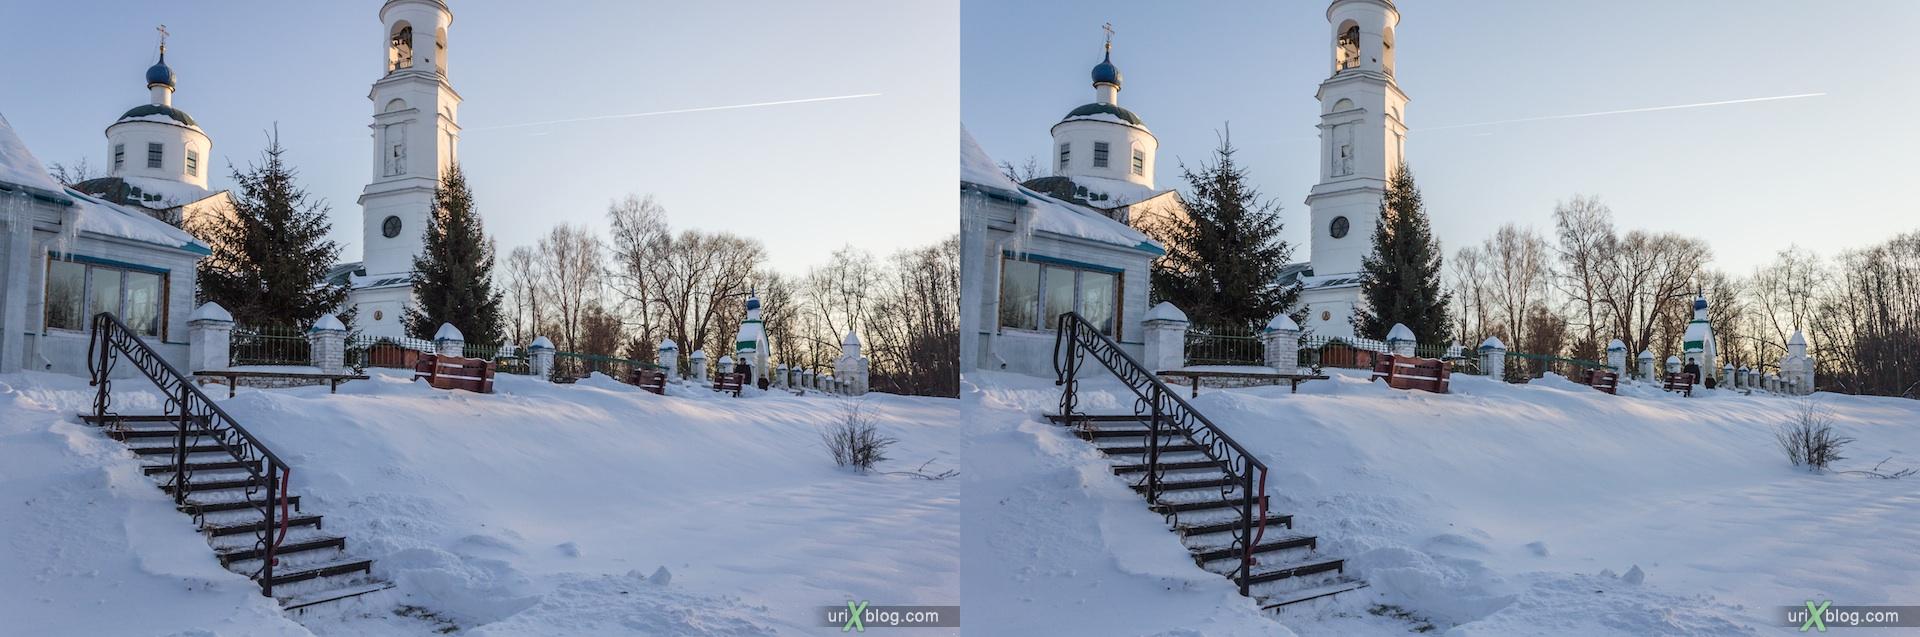 2012, церковь, Иосифо-Волоцкий монастырь, Московская область, Россия, зима, снег, мороз, солнце, 3D, перекрёстные стереопары, стерео, стереопара, стереопары